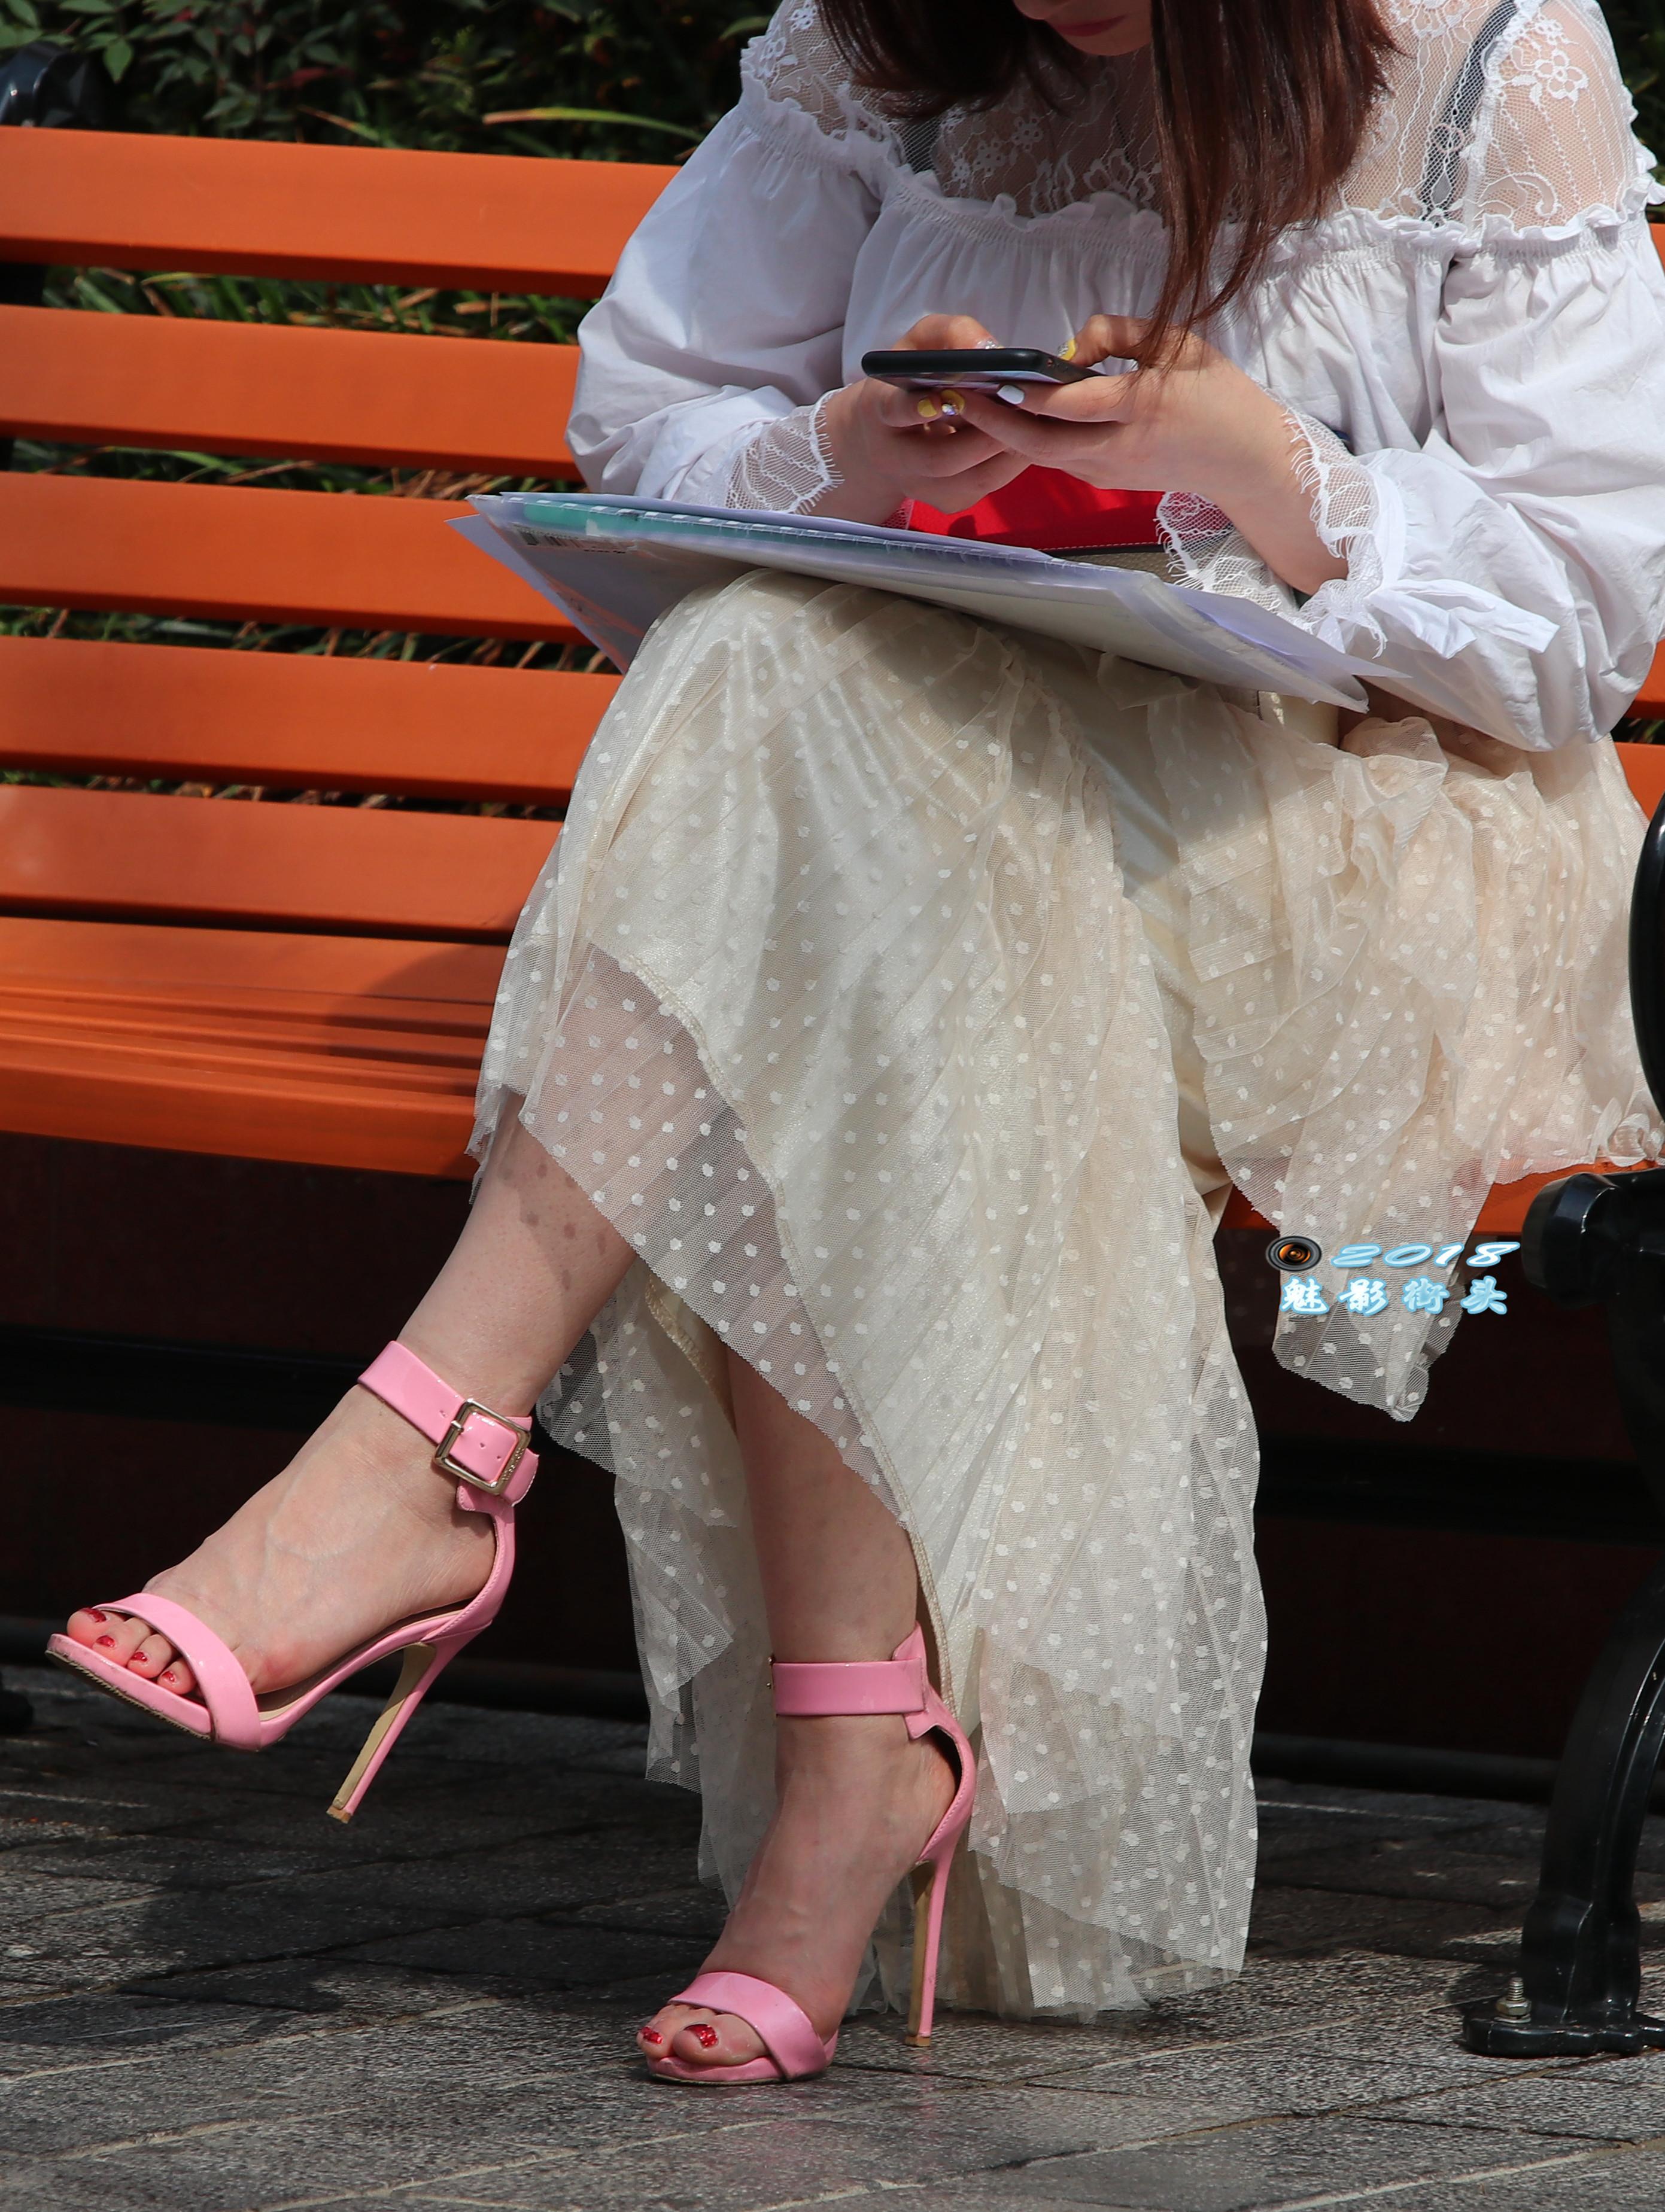 美女被插删除删除_坐在椅子上办公的美女,粉红色的高跟凉鞋非常漂亮